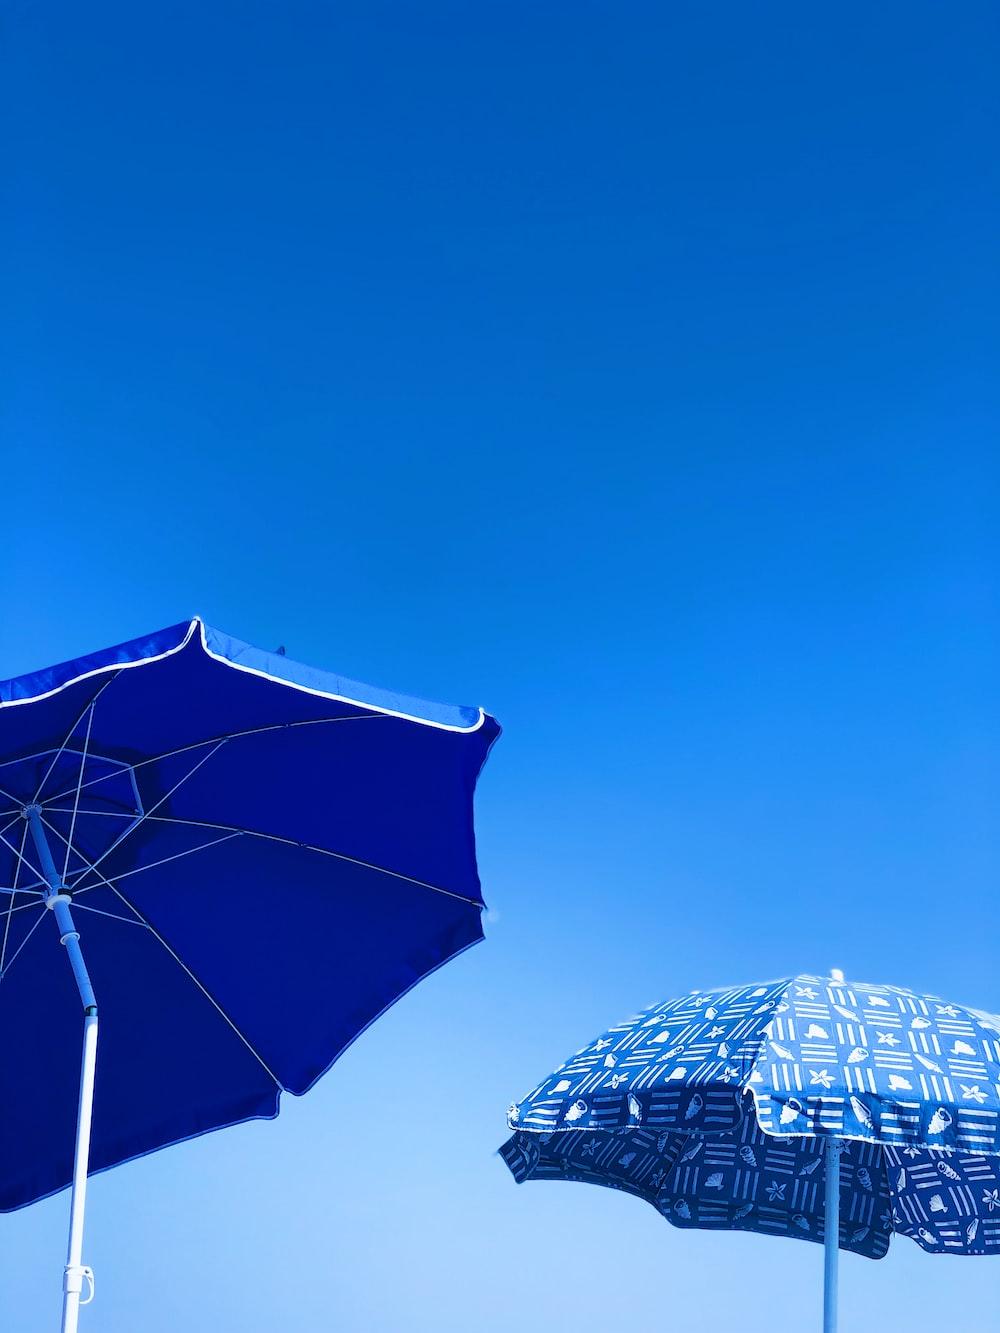 two parasols